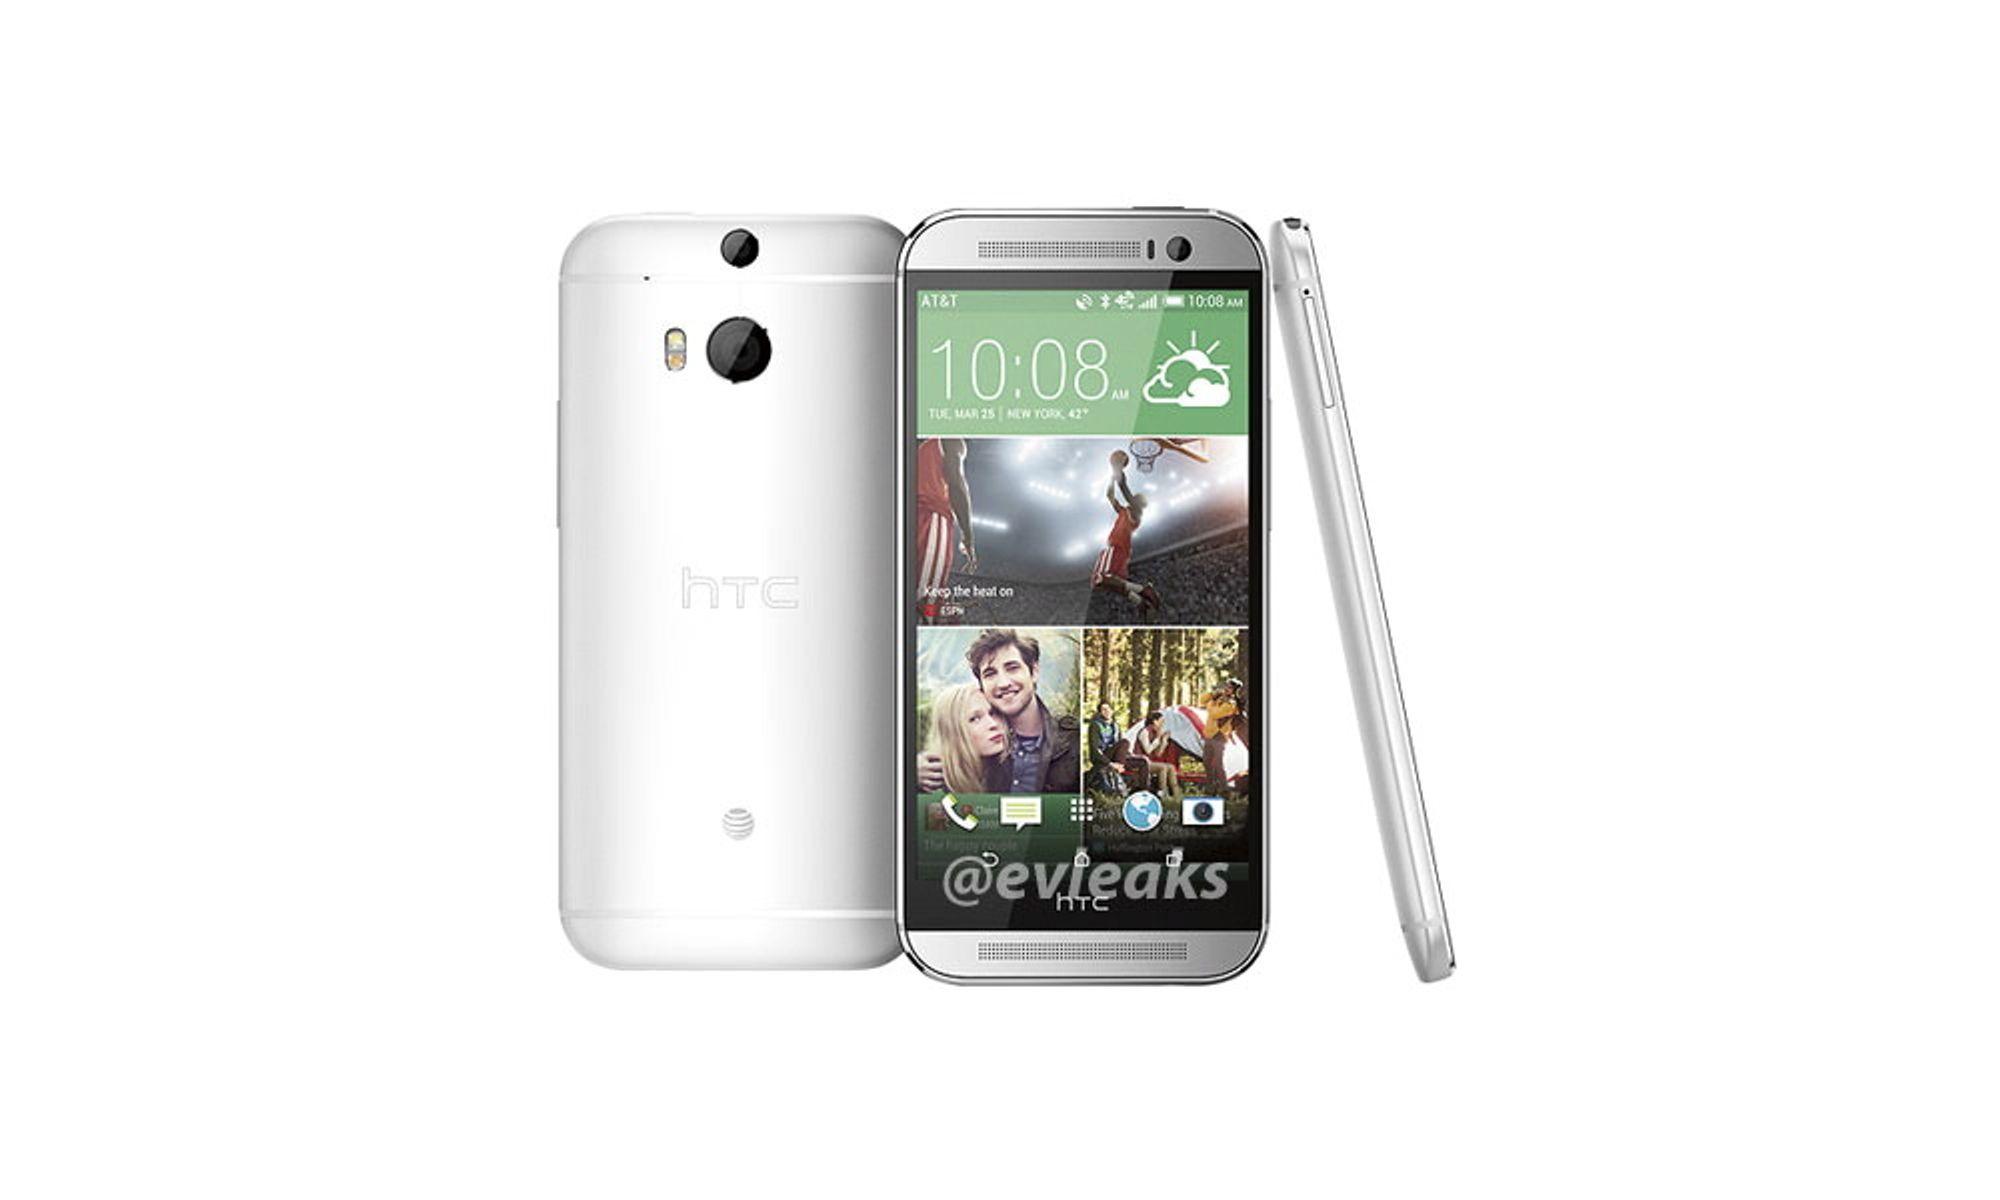 Dette er angivelig et lekket produktbilde av HTC M8, også kjent som nye HTC One.